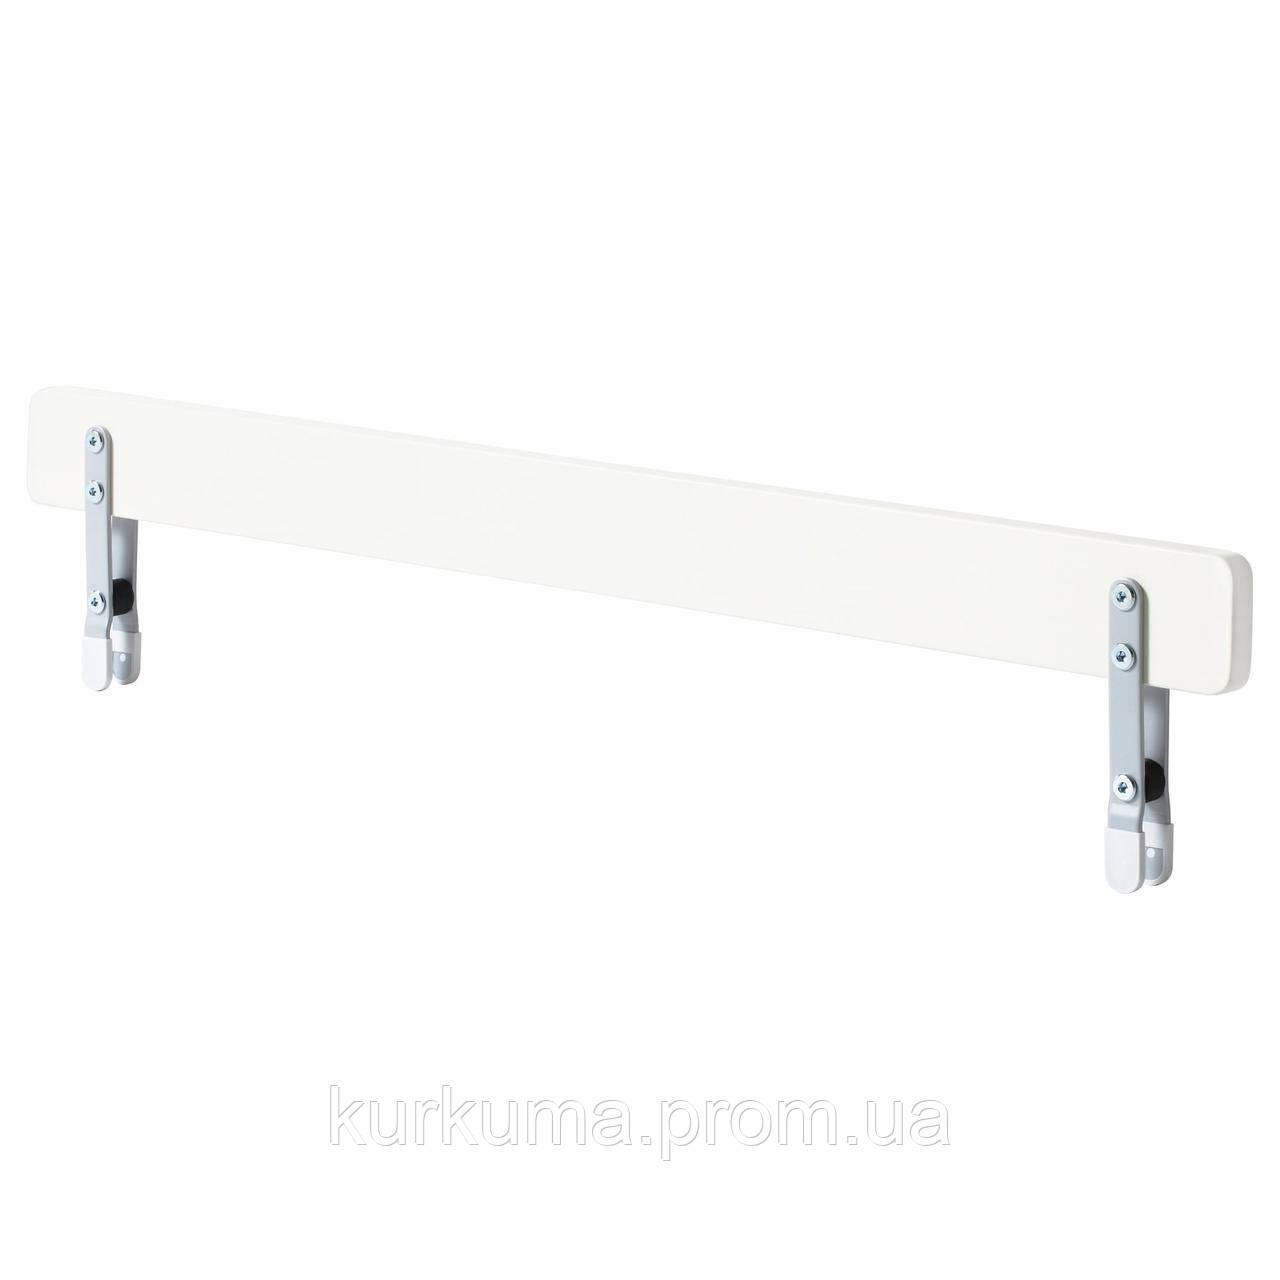 IKEA VIKARE Защитный бортик, белый  (300.992.93)